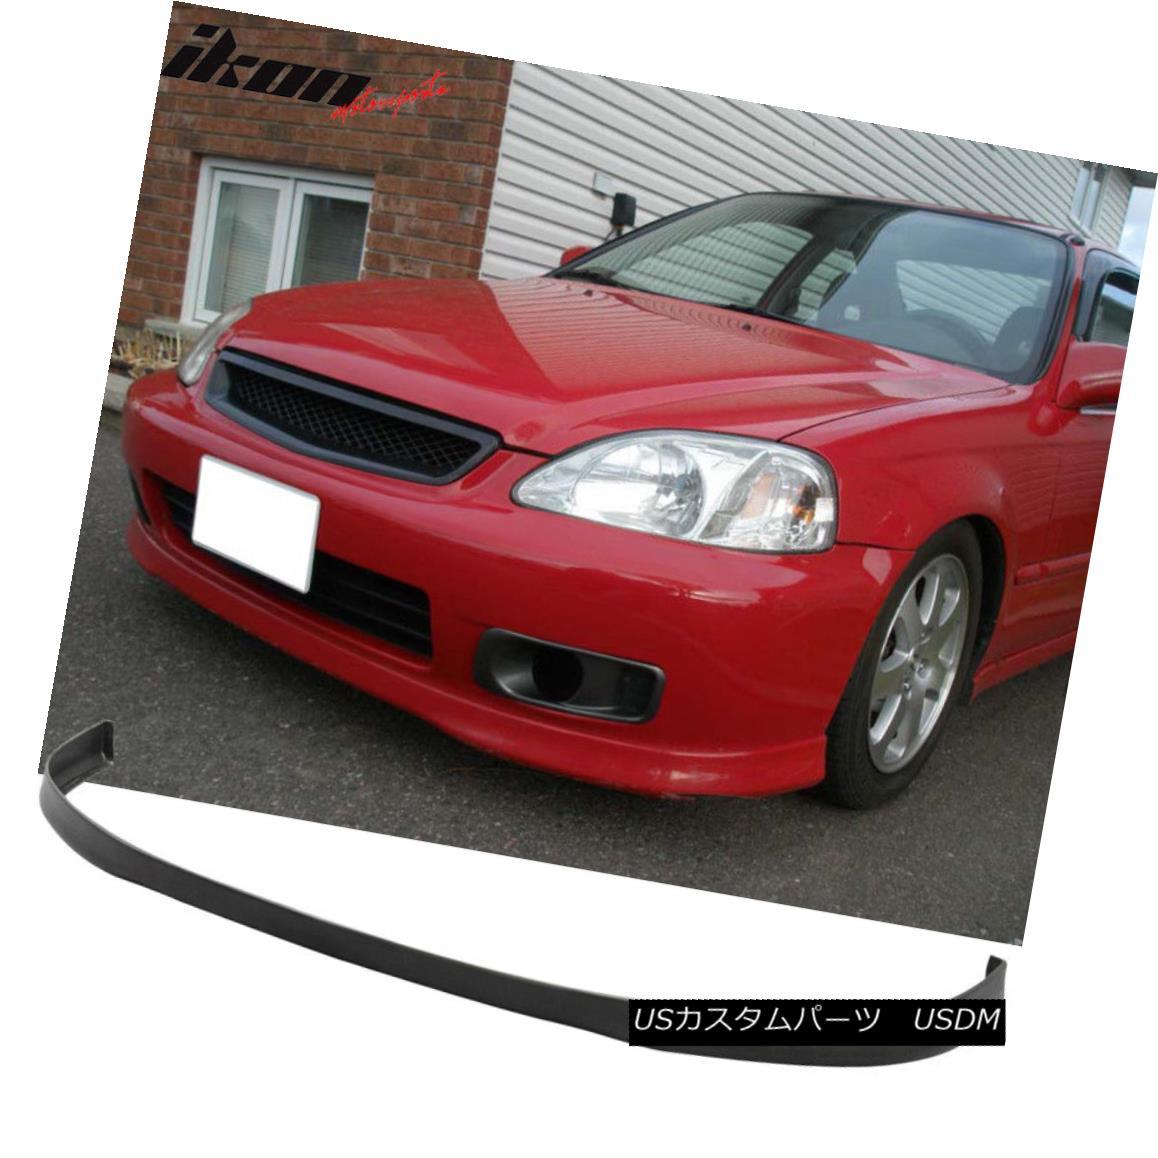 大きな取引 エアロパーツ Fits 99-00 Civic 2Dr 3Dr 4Dr OE Style Front Bumper Lip Spoiler - Urethane PU Fit 99-00 Civic 2Dr 3Dr 4Dr OEスタイルフロントバンパーリップスポイラー - ウレタンPU, GRANDY 5d303173